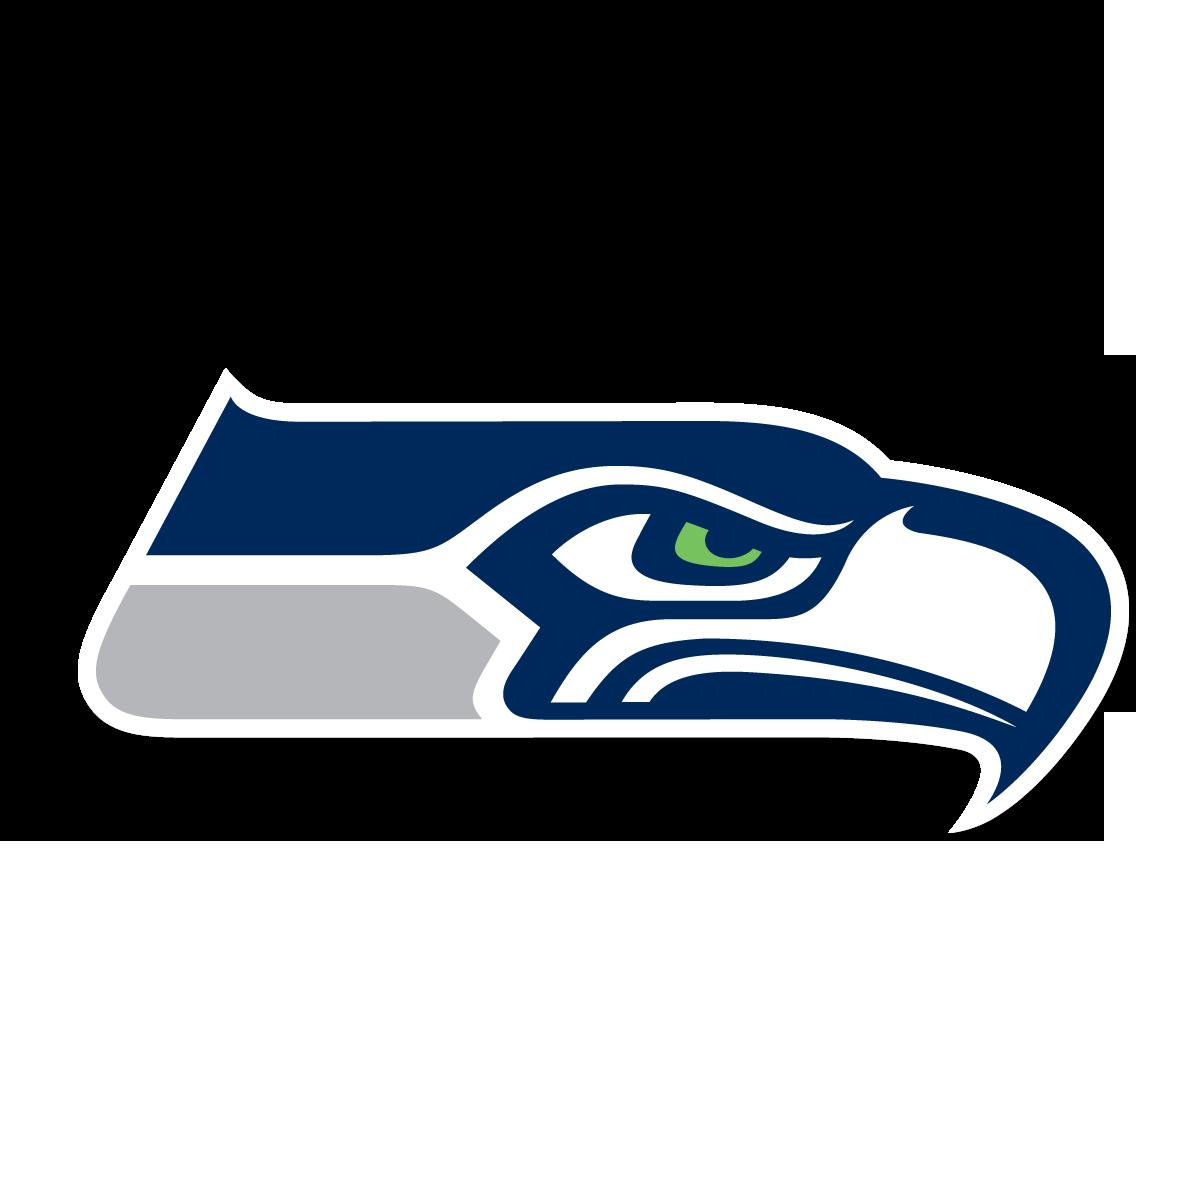 Seattle Seahawks NFL logo